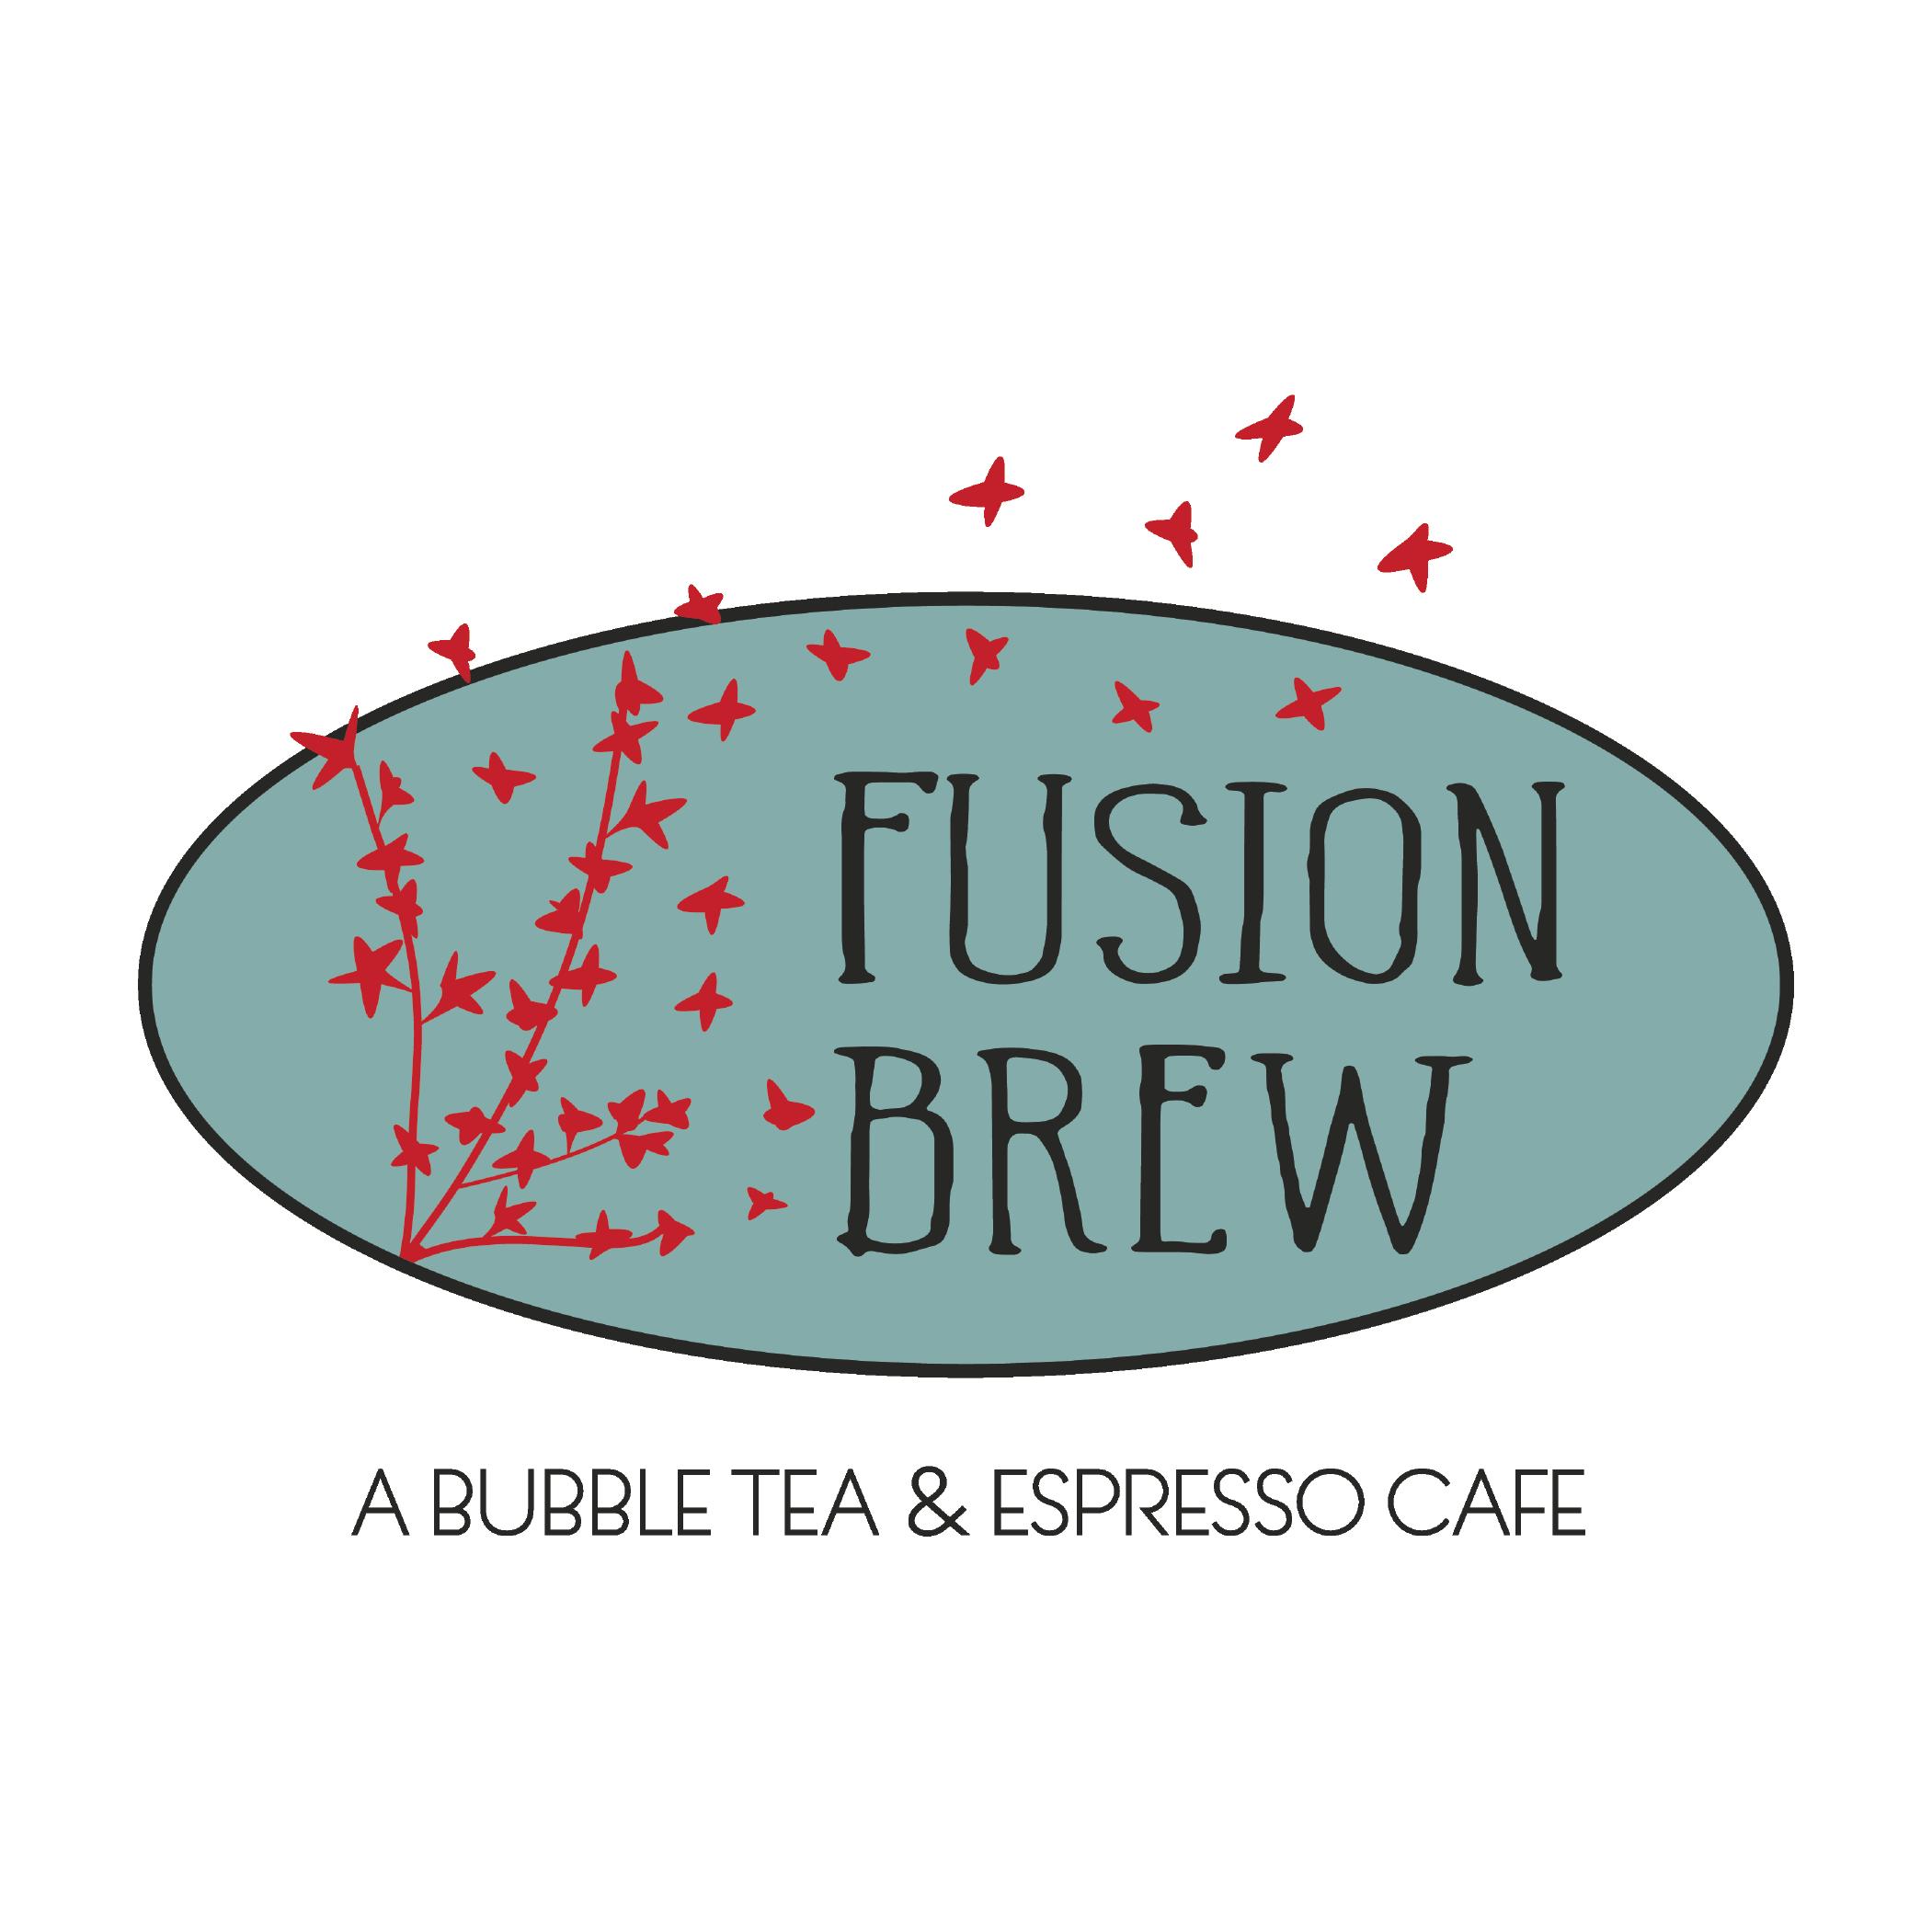 Fusion Brew A Bubble Tea & Espresso Cafe